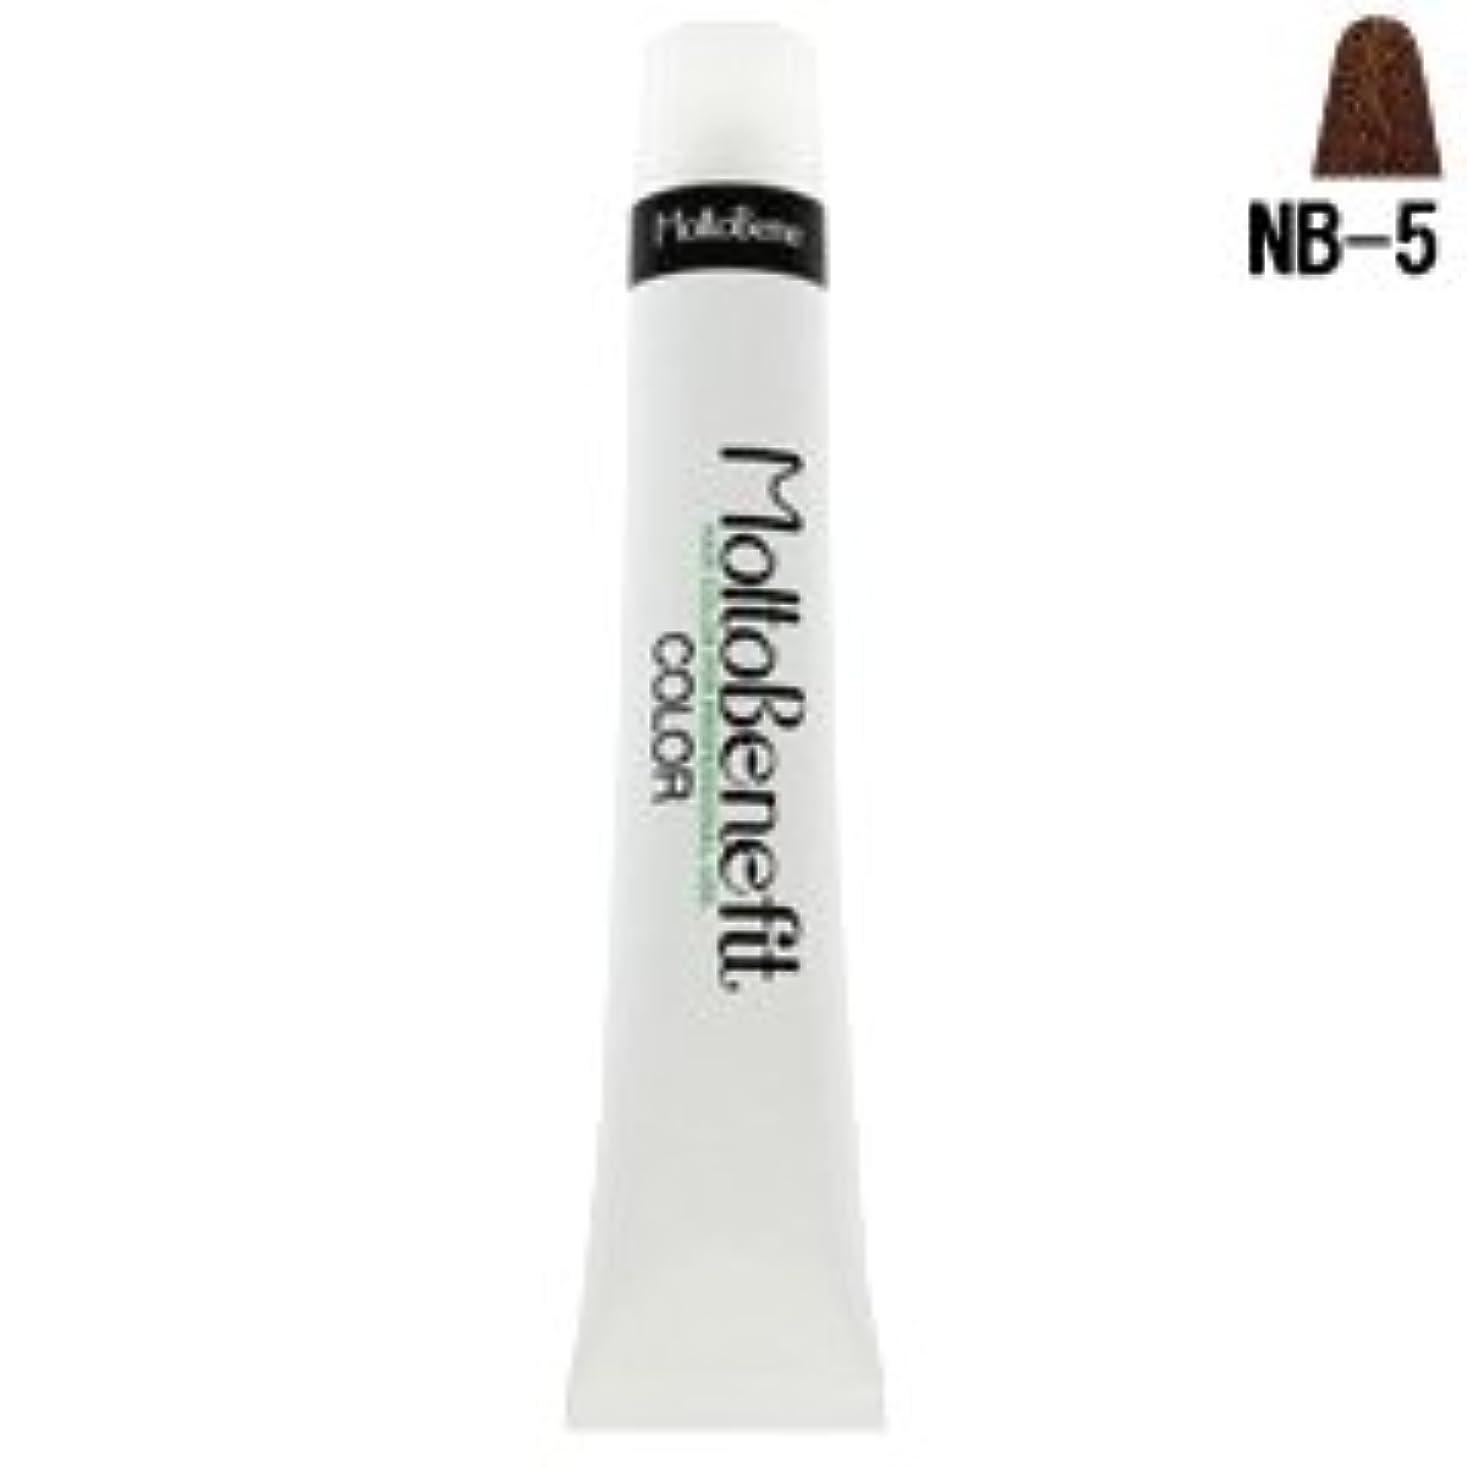 【モルトベーネ】フィットカラー グレイナチュラルカラー NB-5 ナチュラルブラウン 60g